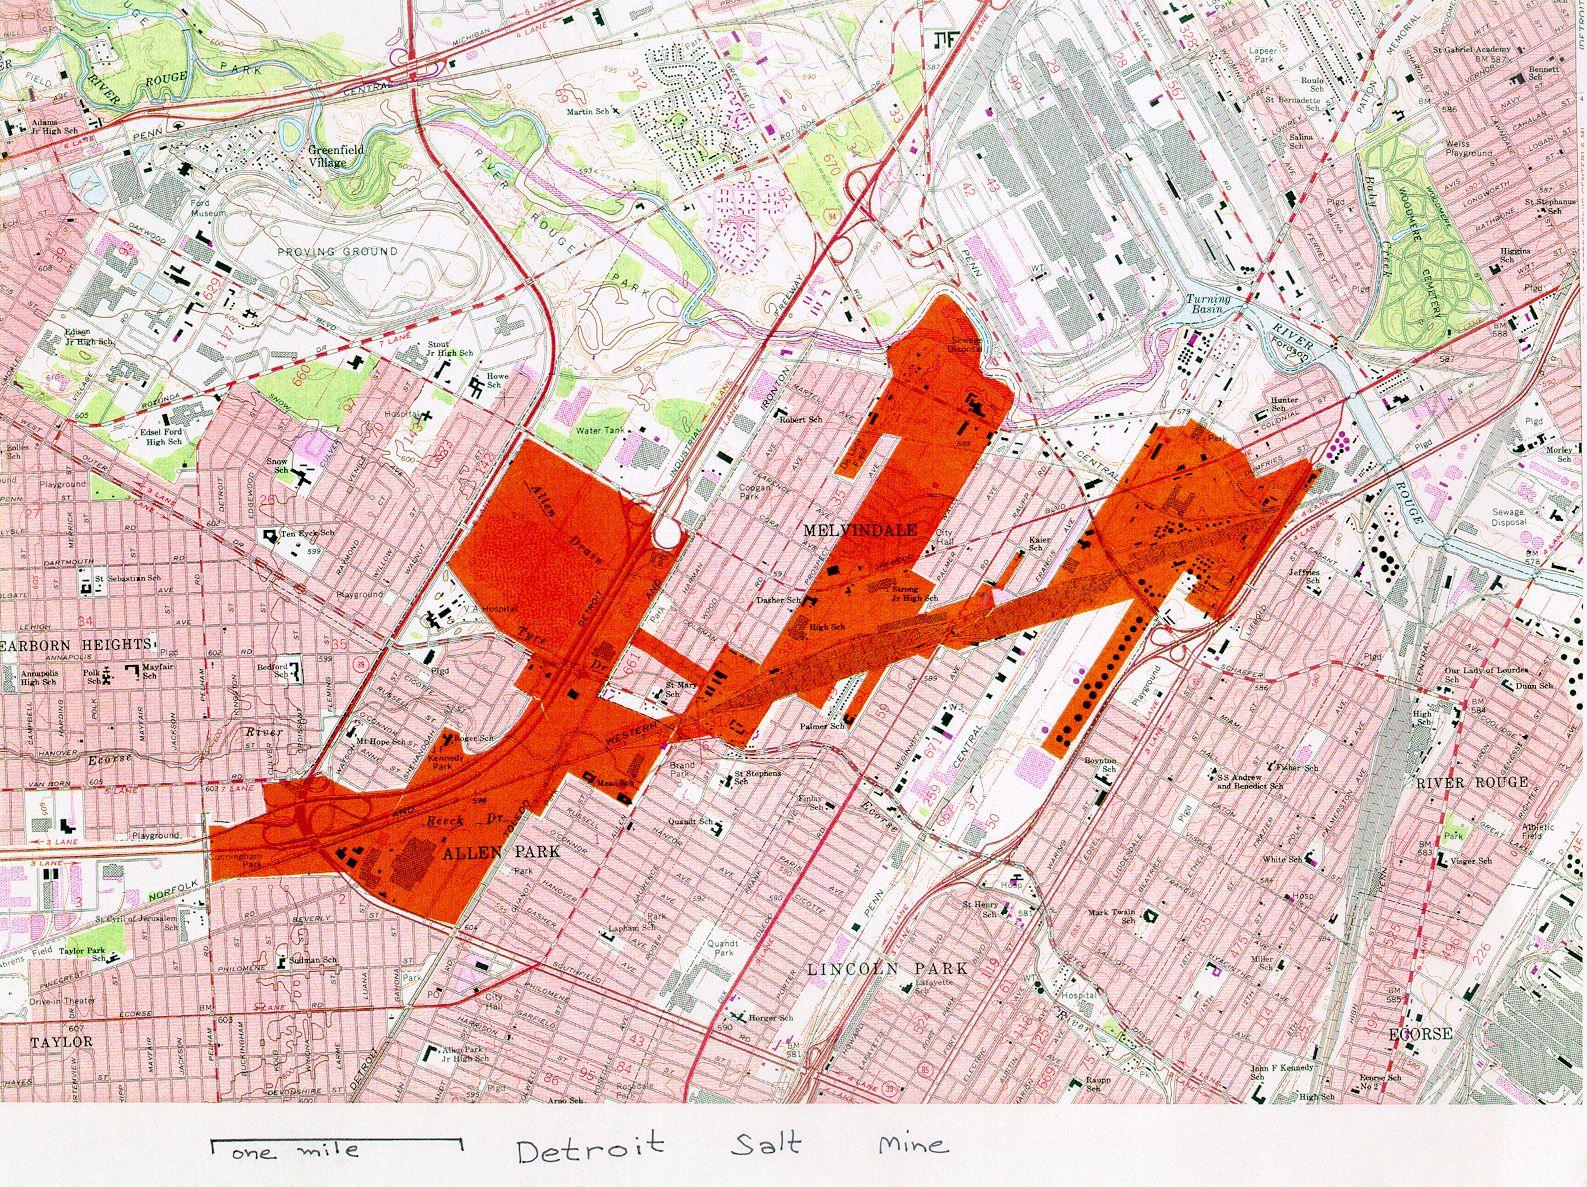 detroit salt mines map Detroit Salt Mine Map Showing The Extent Of Underground Mining detroit salt mines map